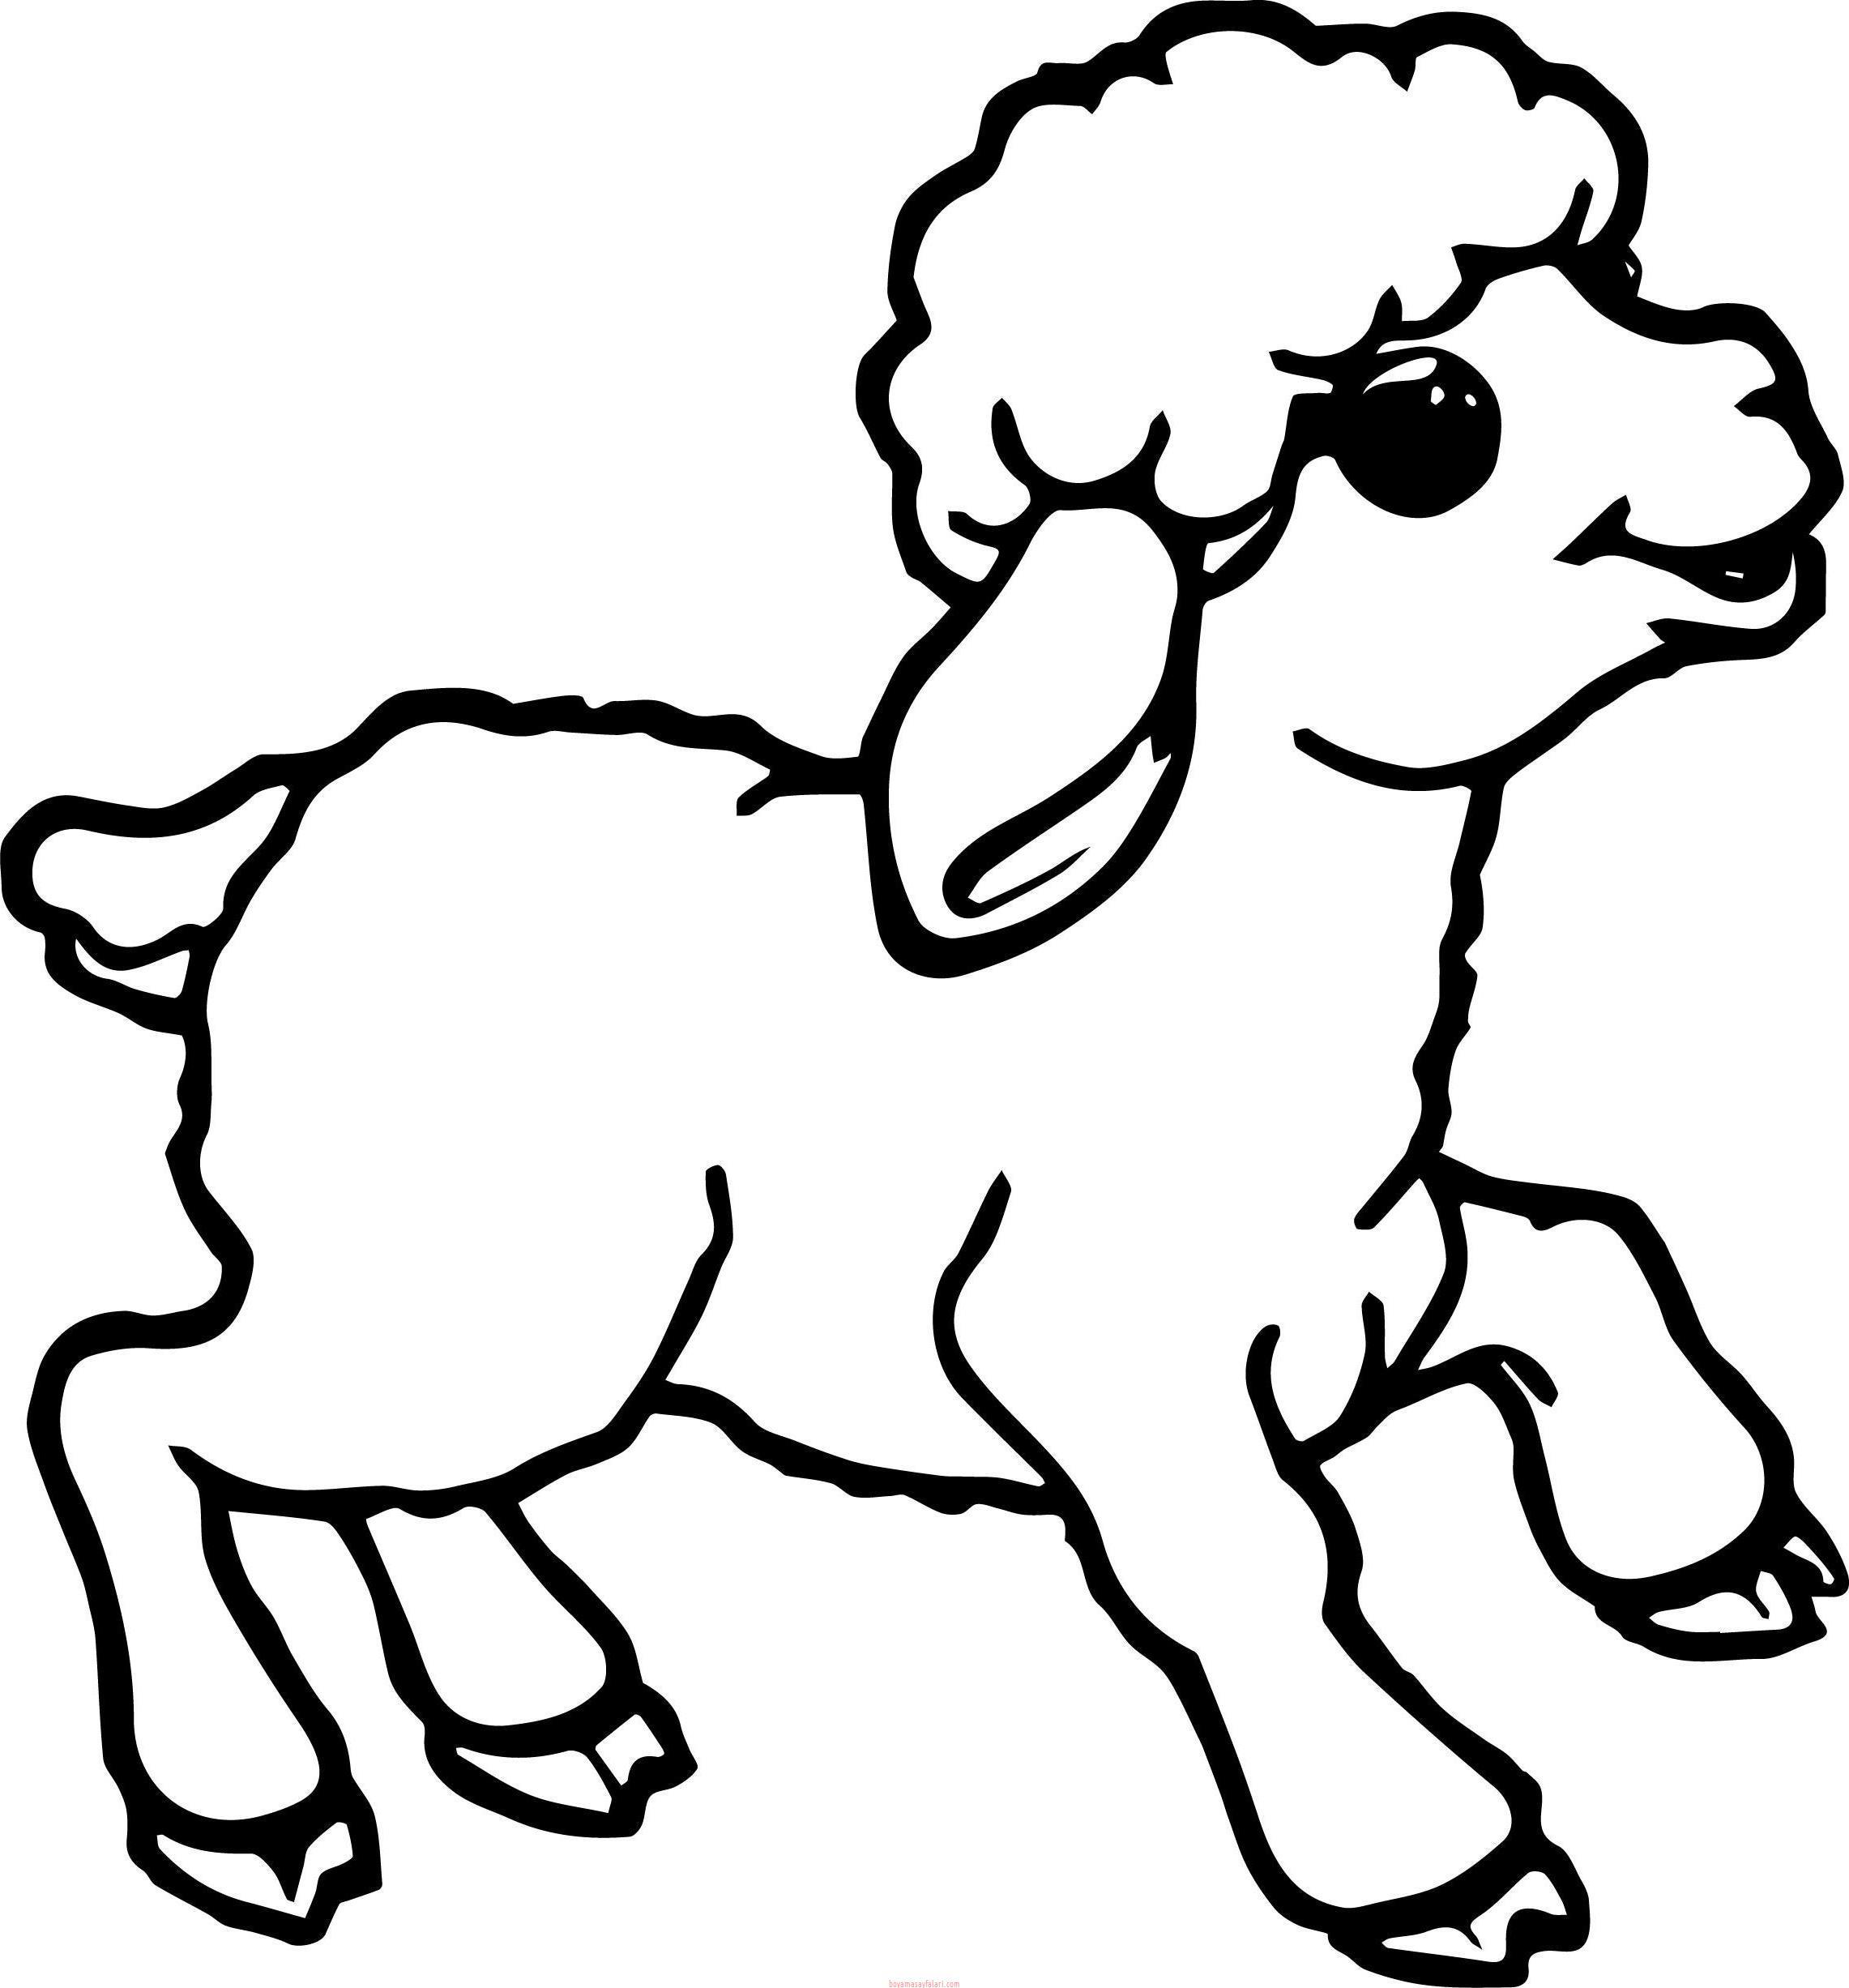 Koyun Boyama Oyunu Oyna Sinif Ogretmenleri Icin Ucretsiz Ozgun